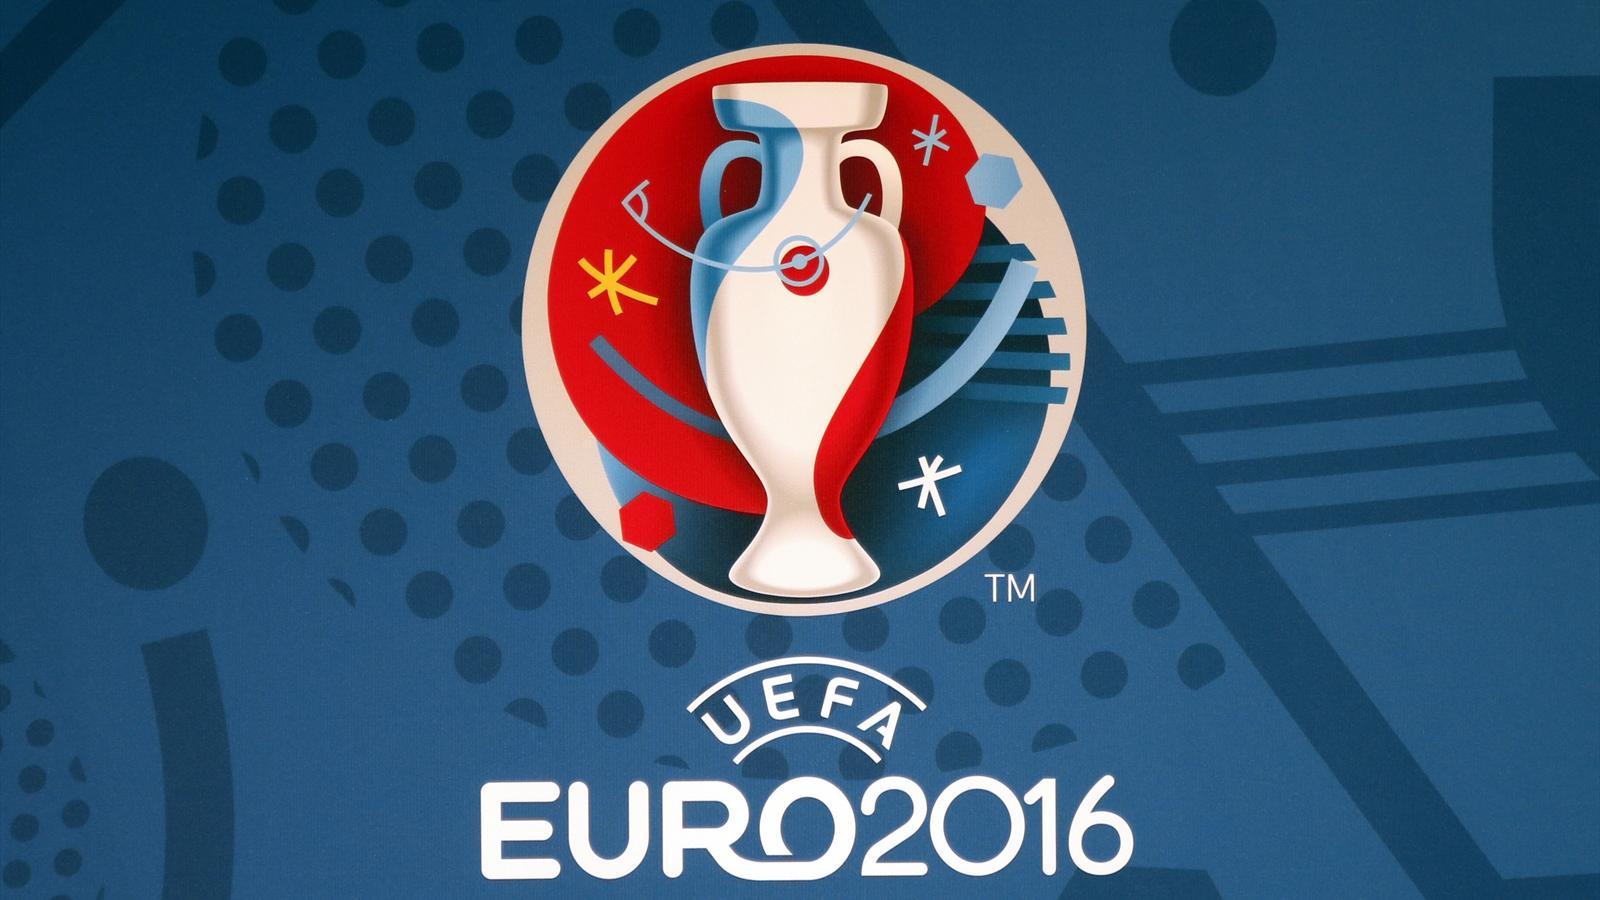 EURO 2016 : ouverture de la billetterie pour France-Ecosse à Metz, le 18 mai